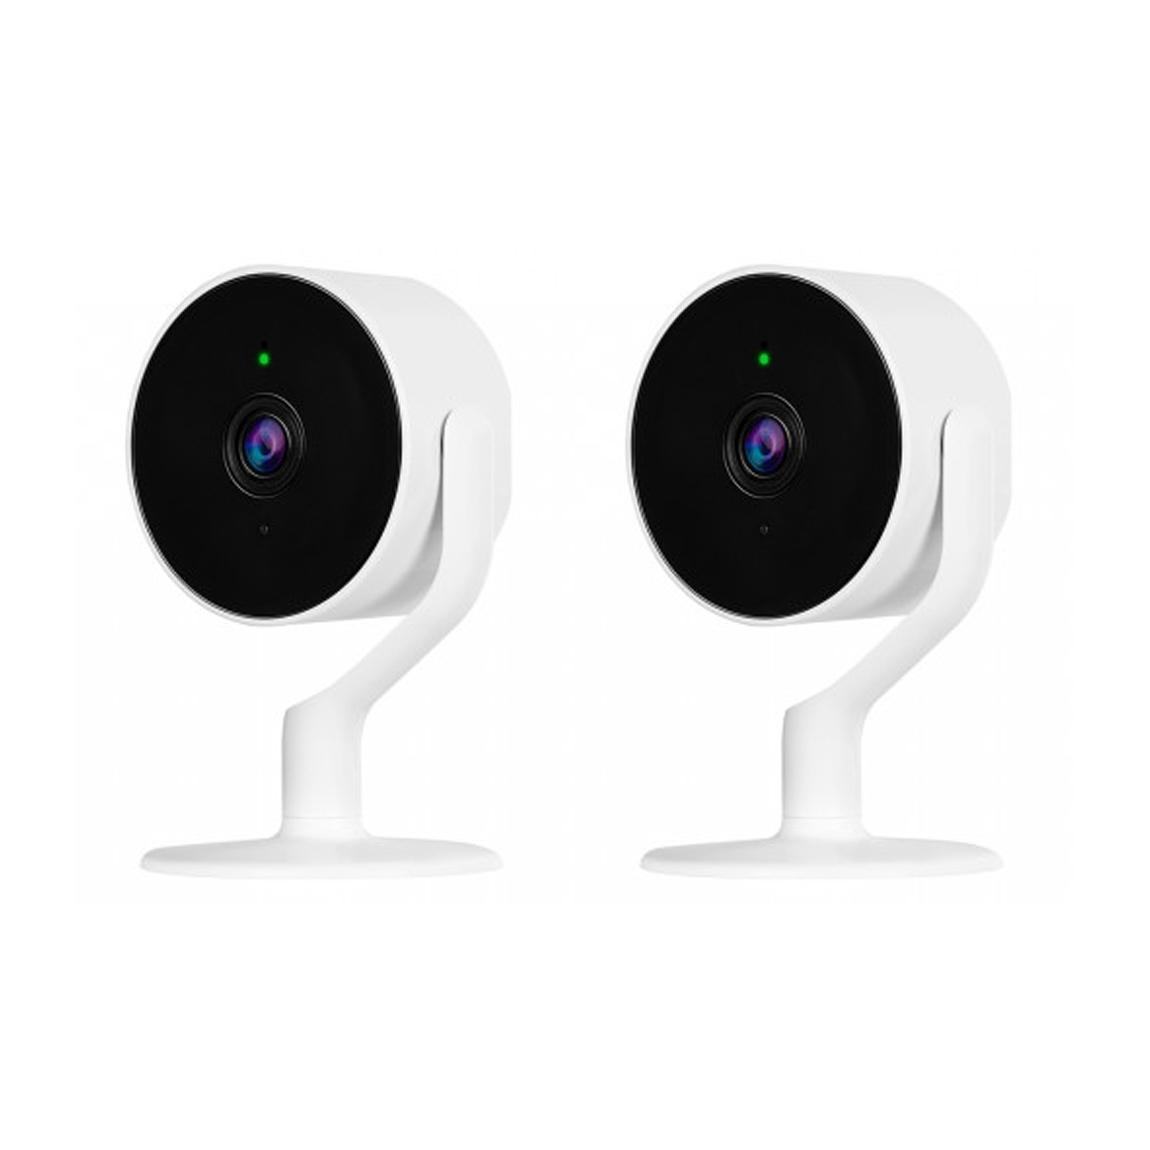 Hombli Smart Indoor Camera - Innenkamera 2er-Set